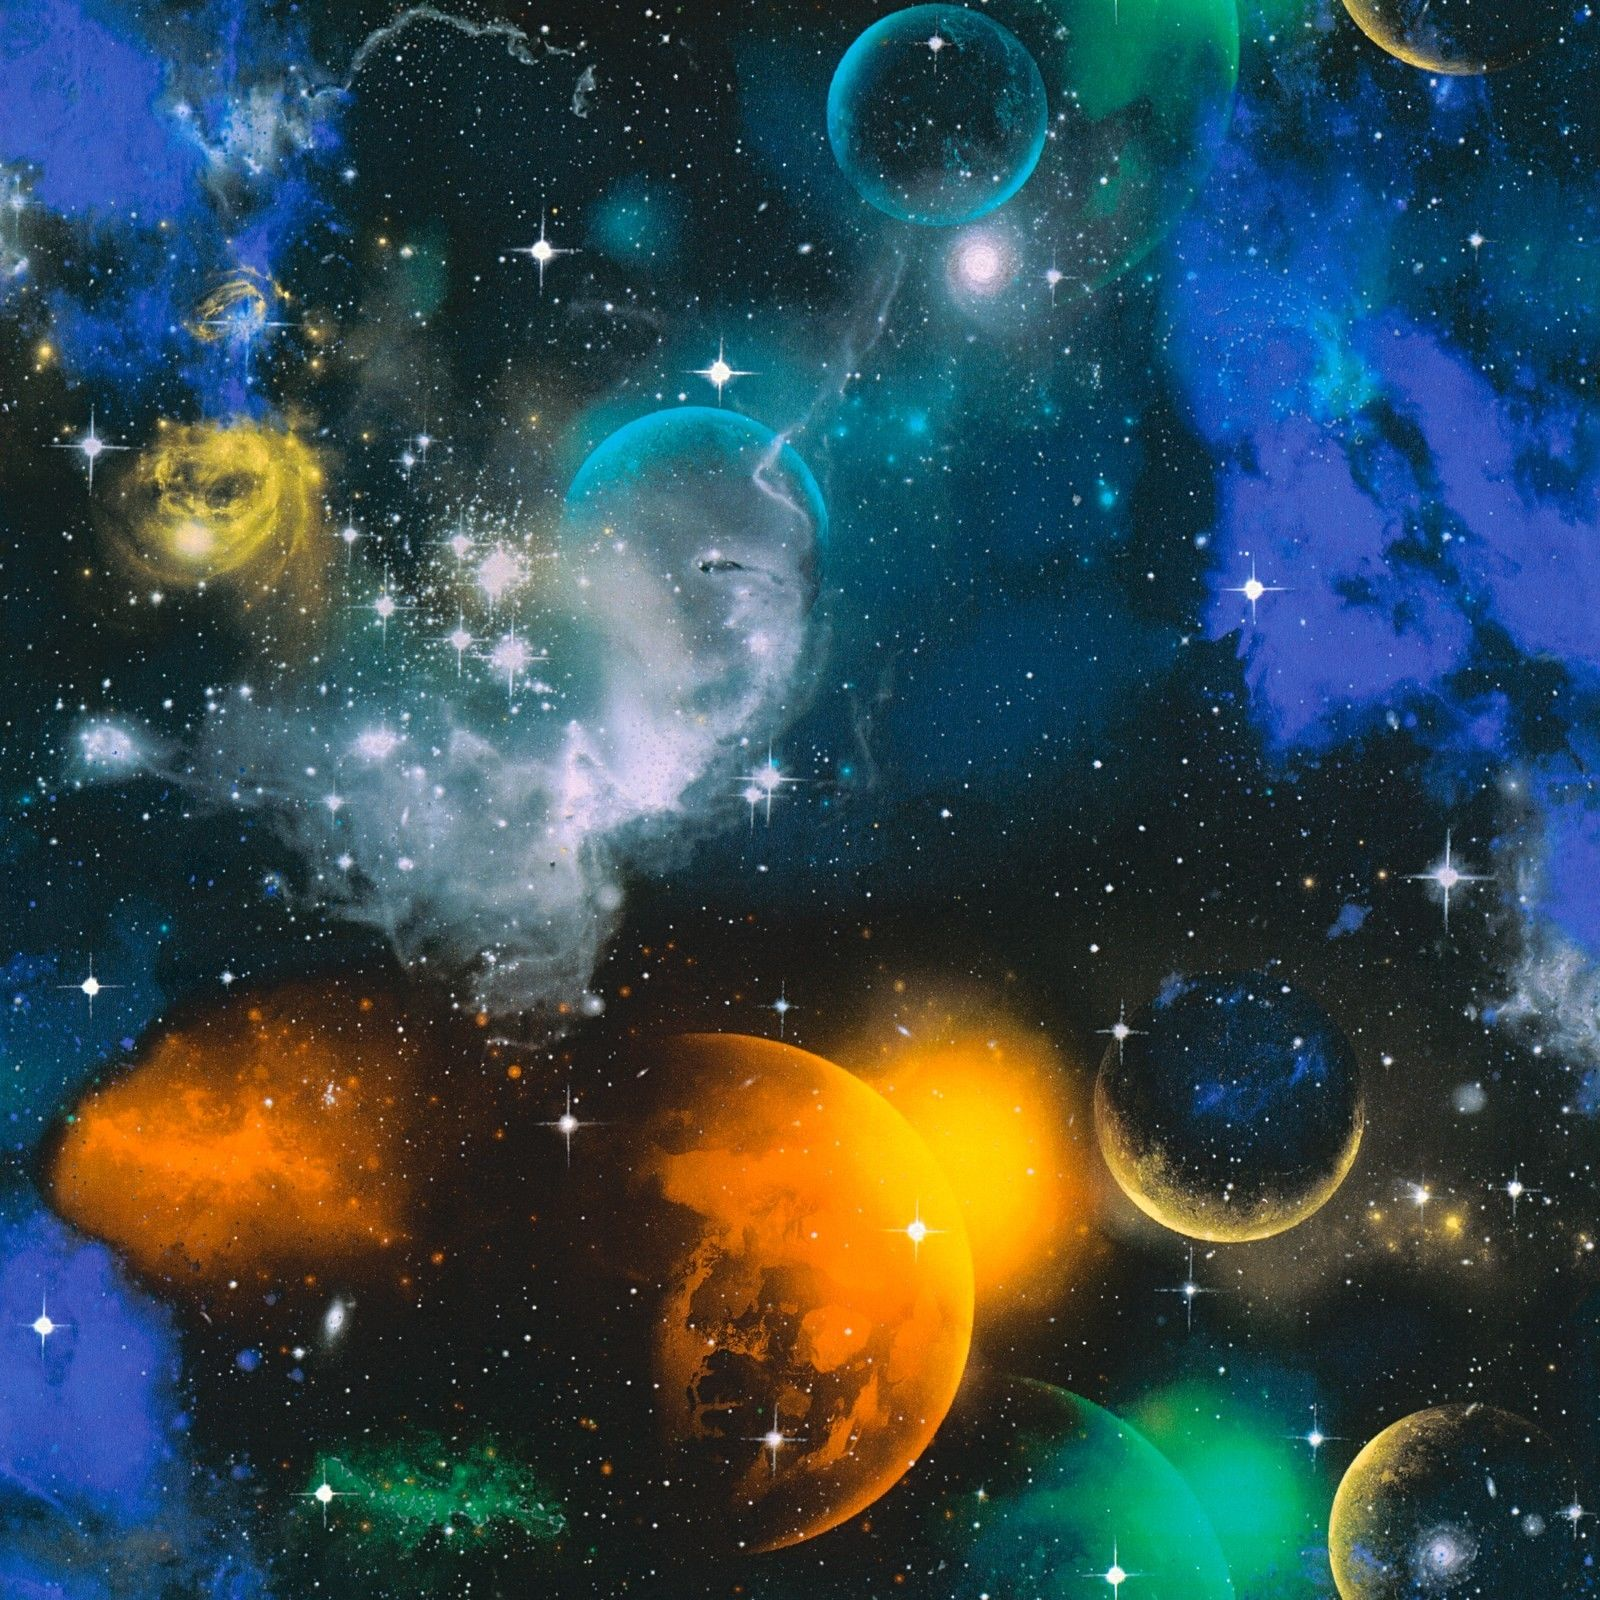 Missioni spaziali Esa per scovare la materia oscura